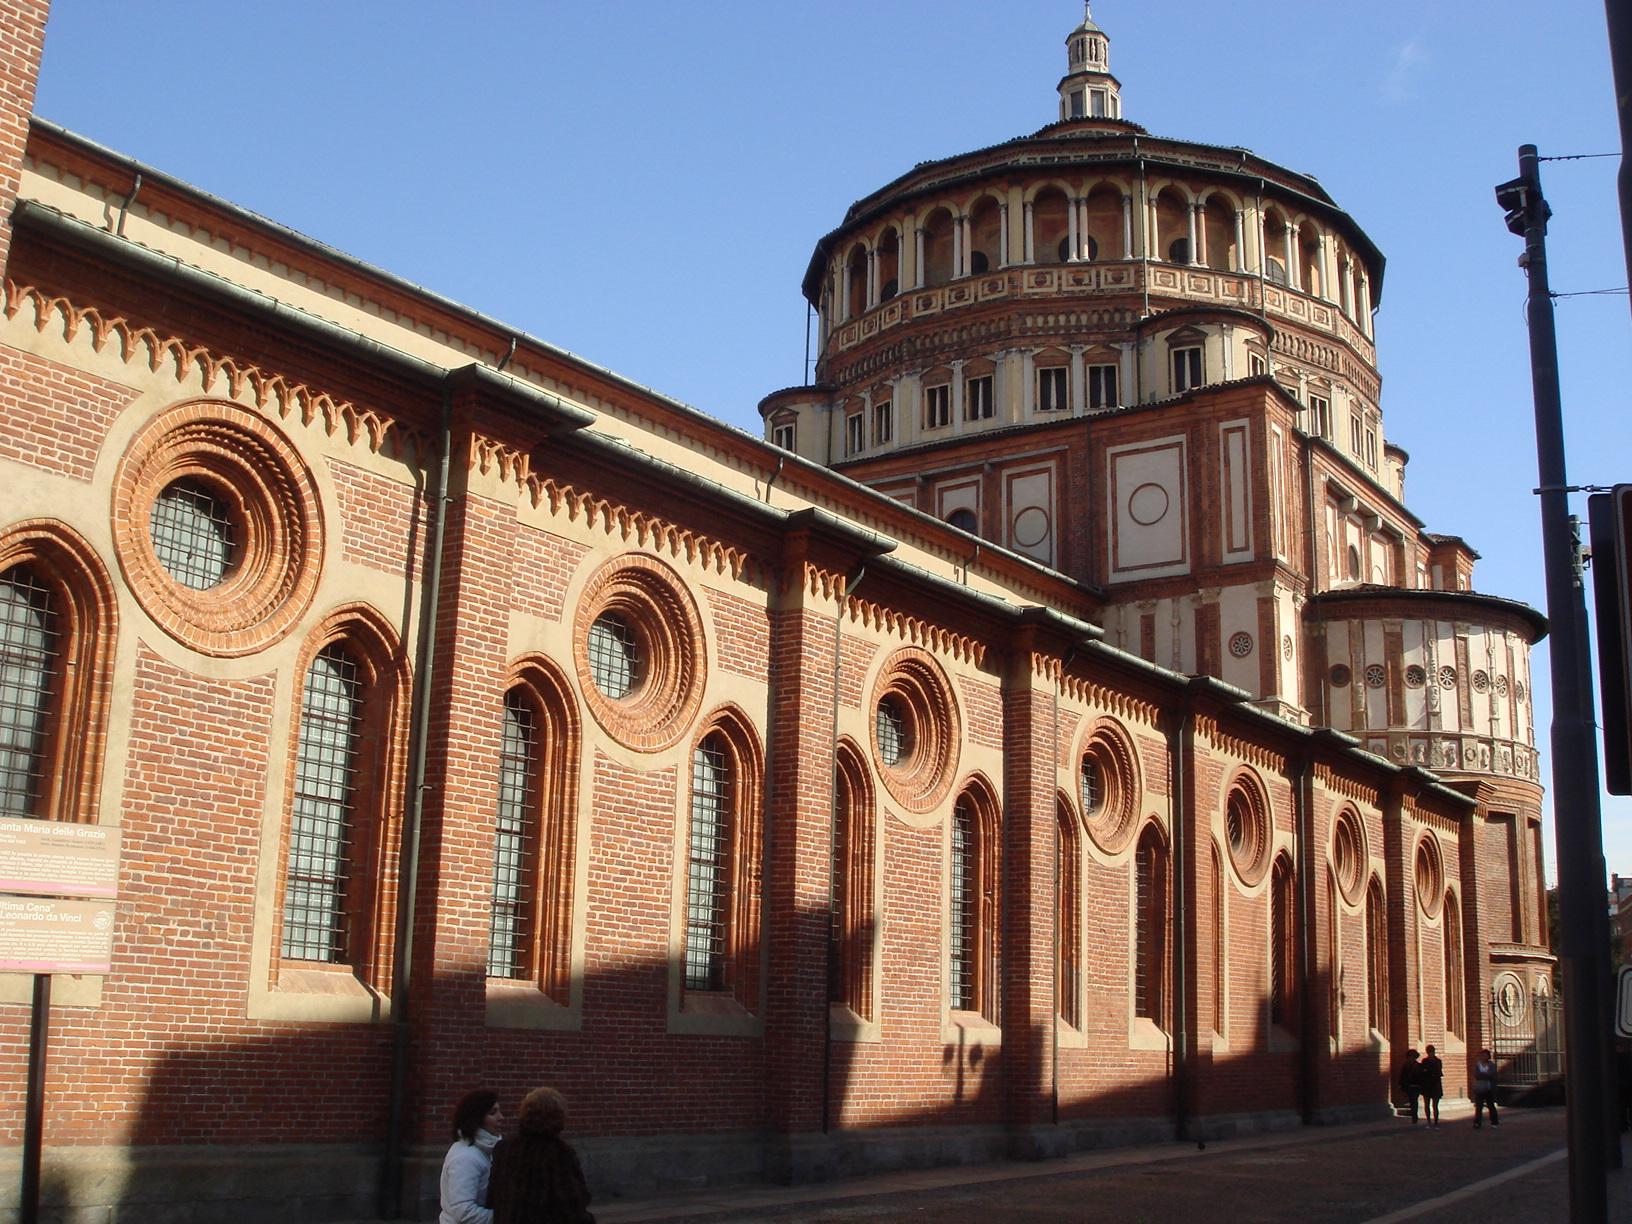 Il tiburio bramantesco di S. Maria delle Grazie, che si innesta a conclusione del corpo basilicale gotico-lombardo progettato da Guiniforte Solari.